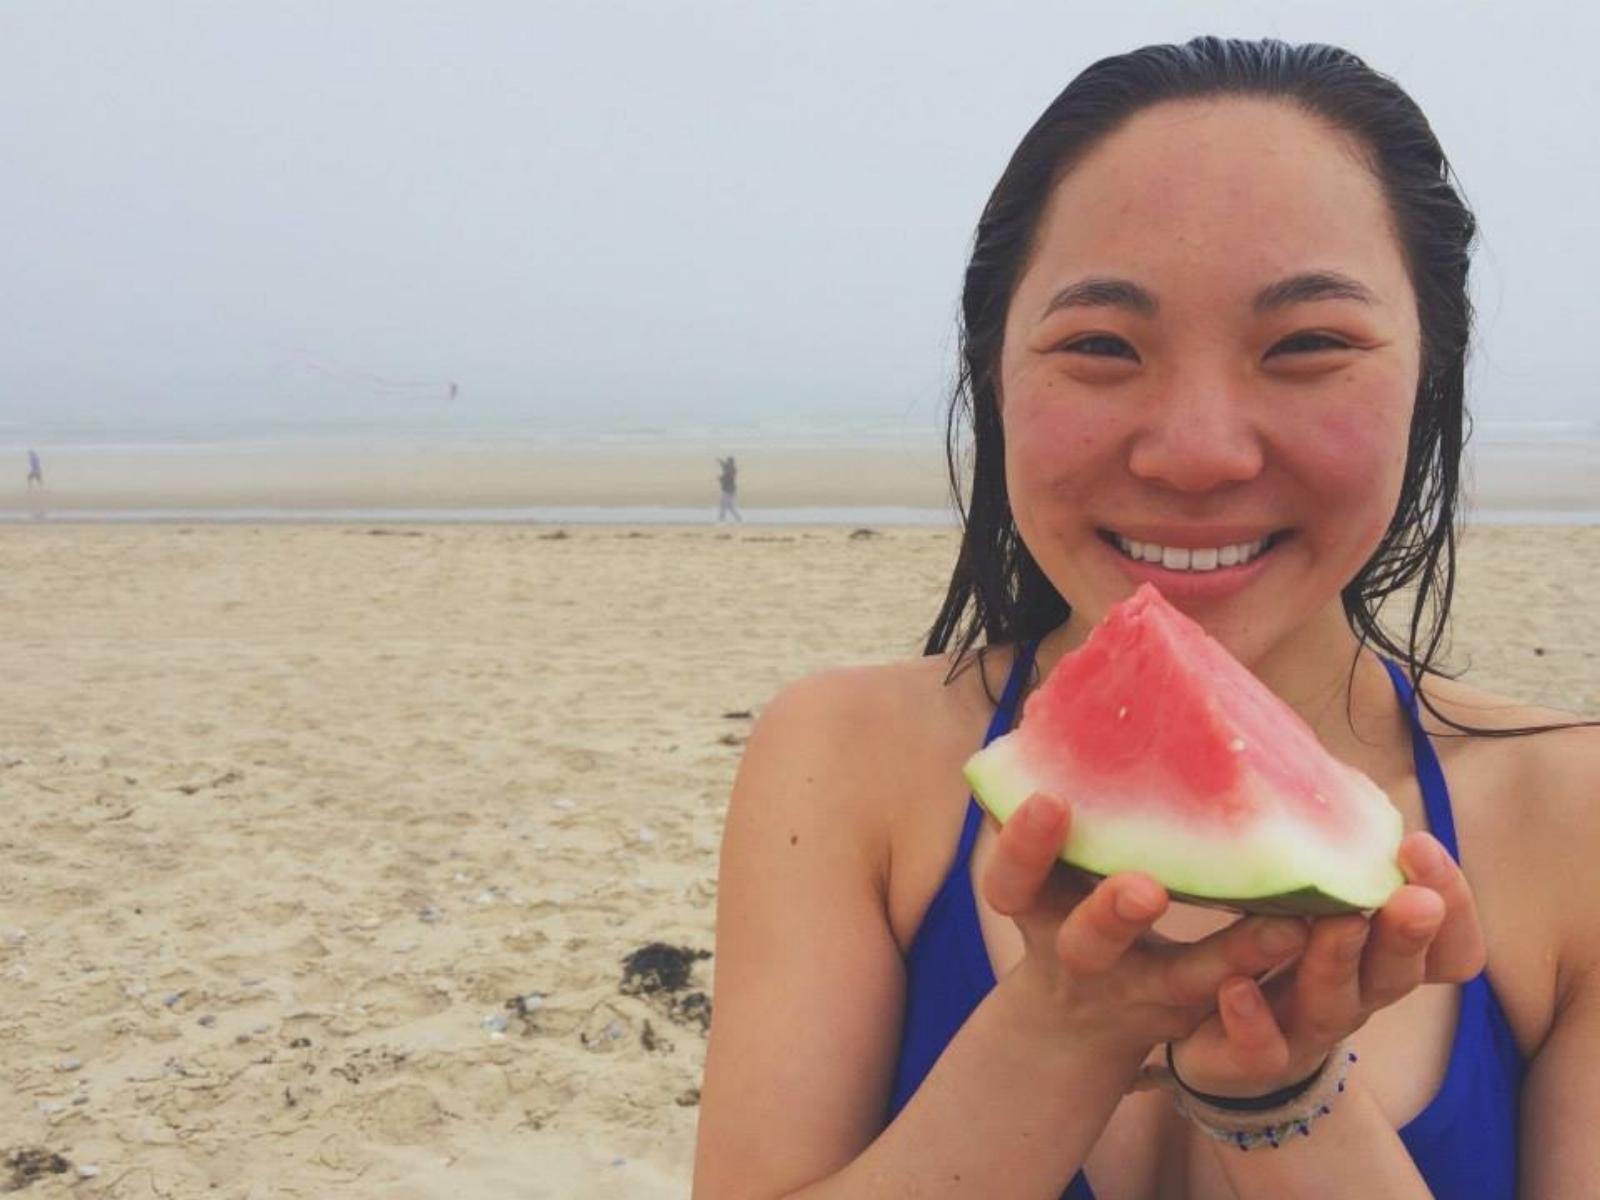 watermelon + beach